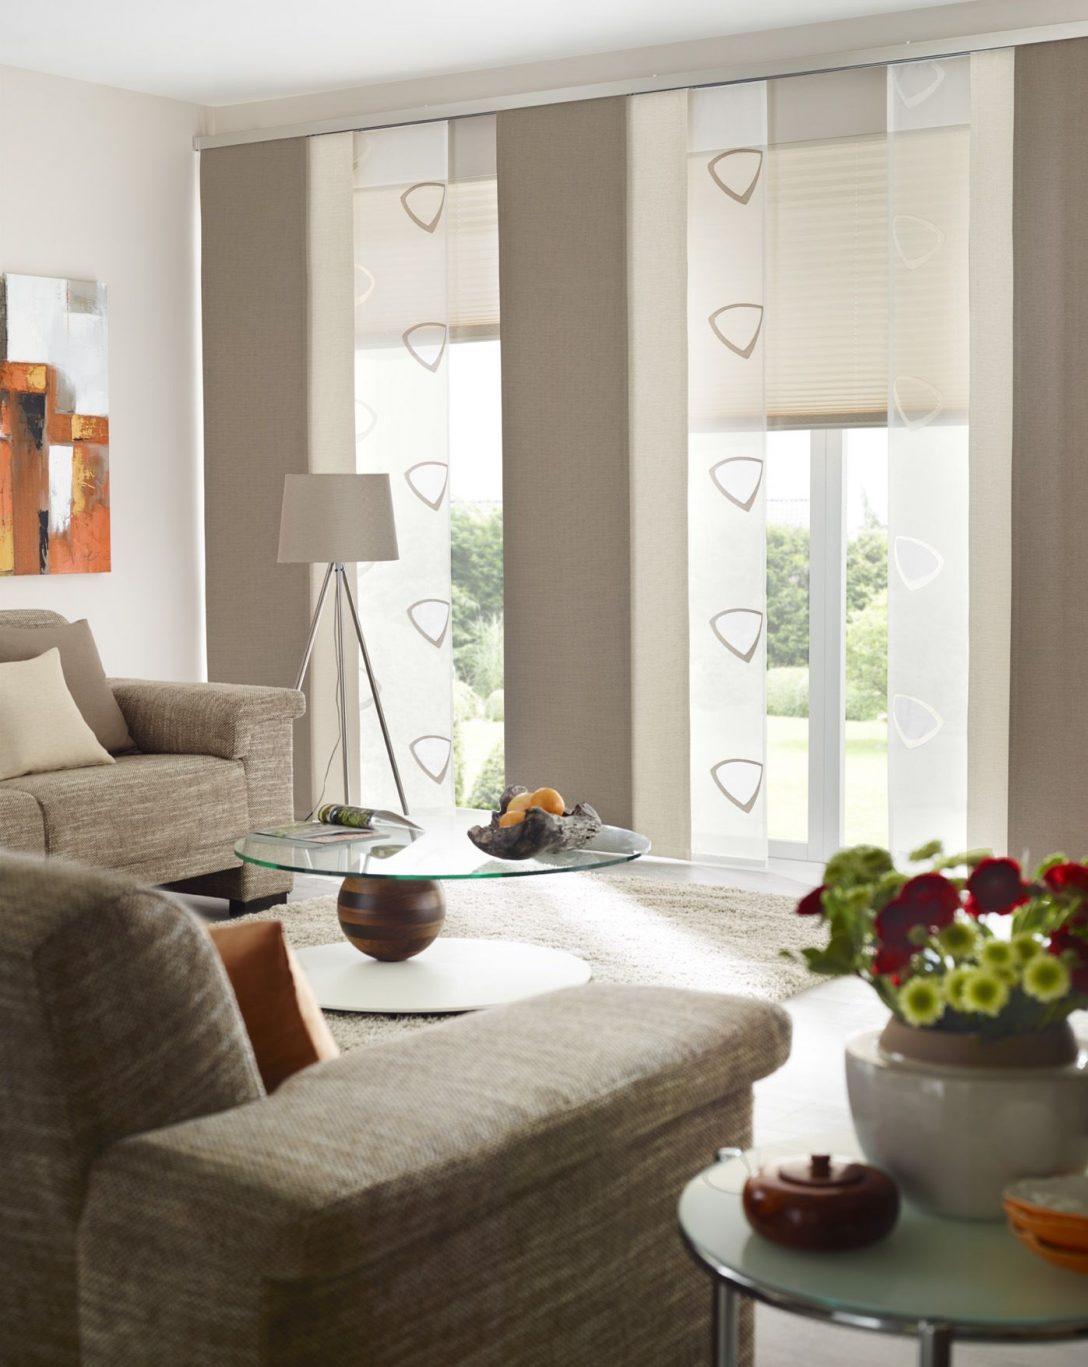 Large Size of Fenster Urbansteel Moderne Bilder Fürs Wohnzimmer Modernes Sofa Duschen Esstisch Modern Wohnwand Anbauwand Gardinen Für Deko Küche Wohnzimmer Gardinen Wohnzimmer Modern